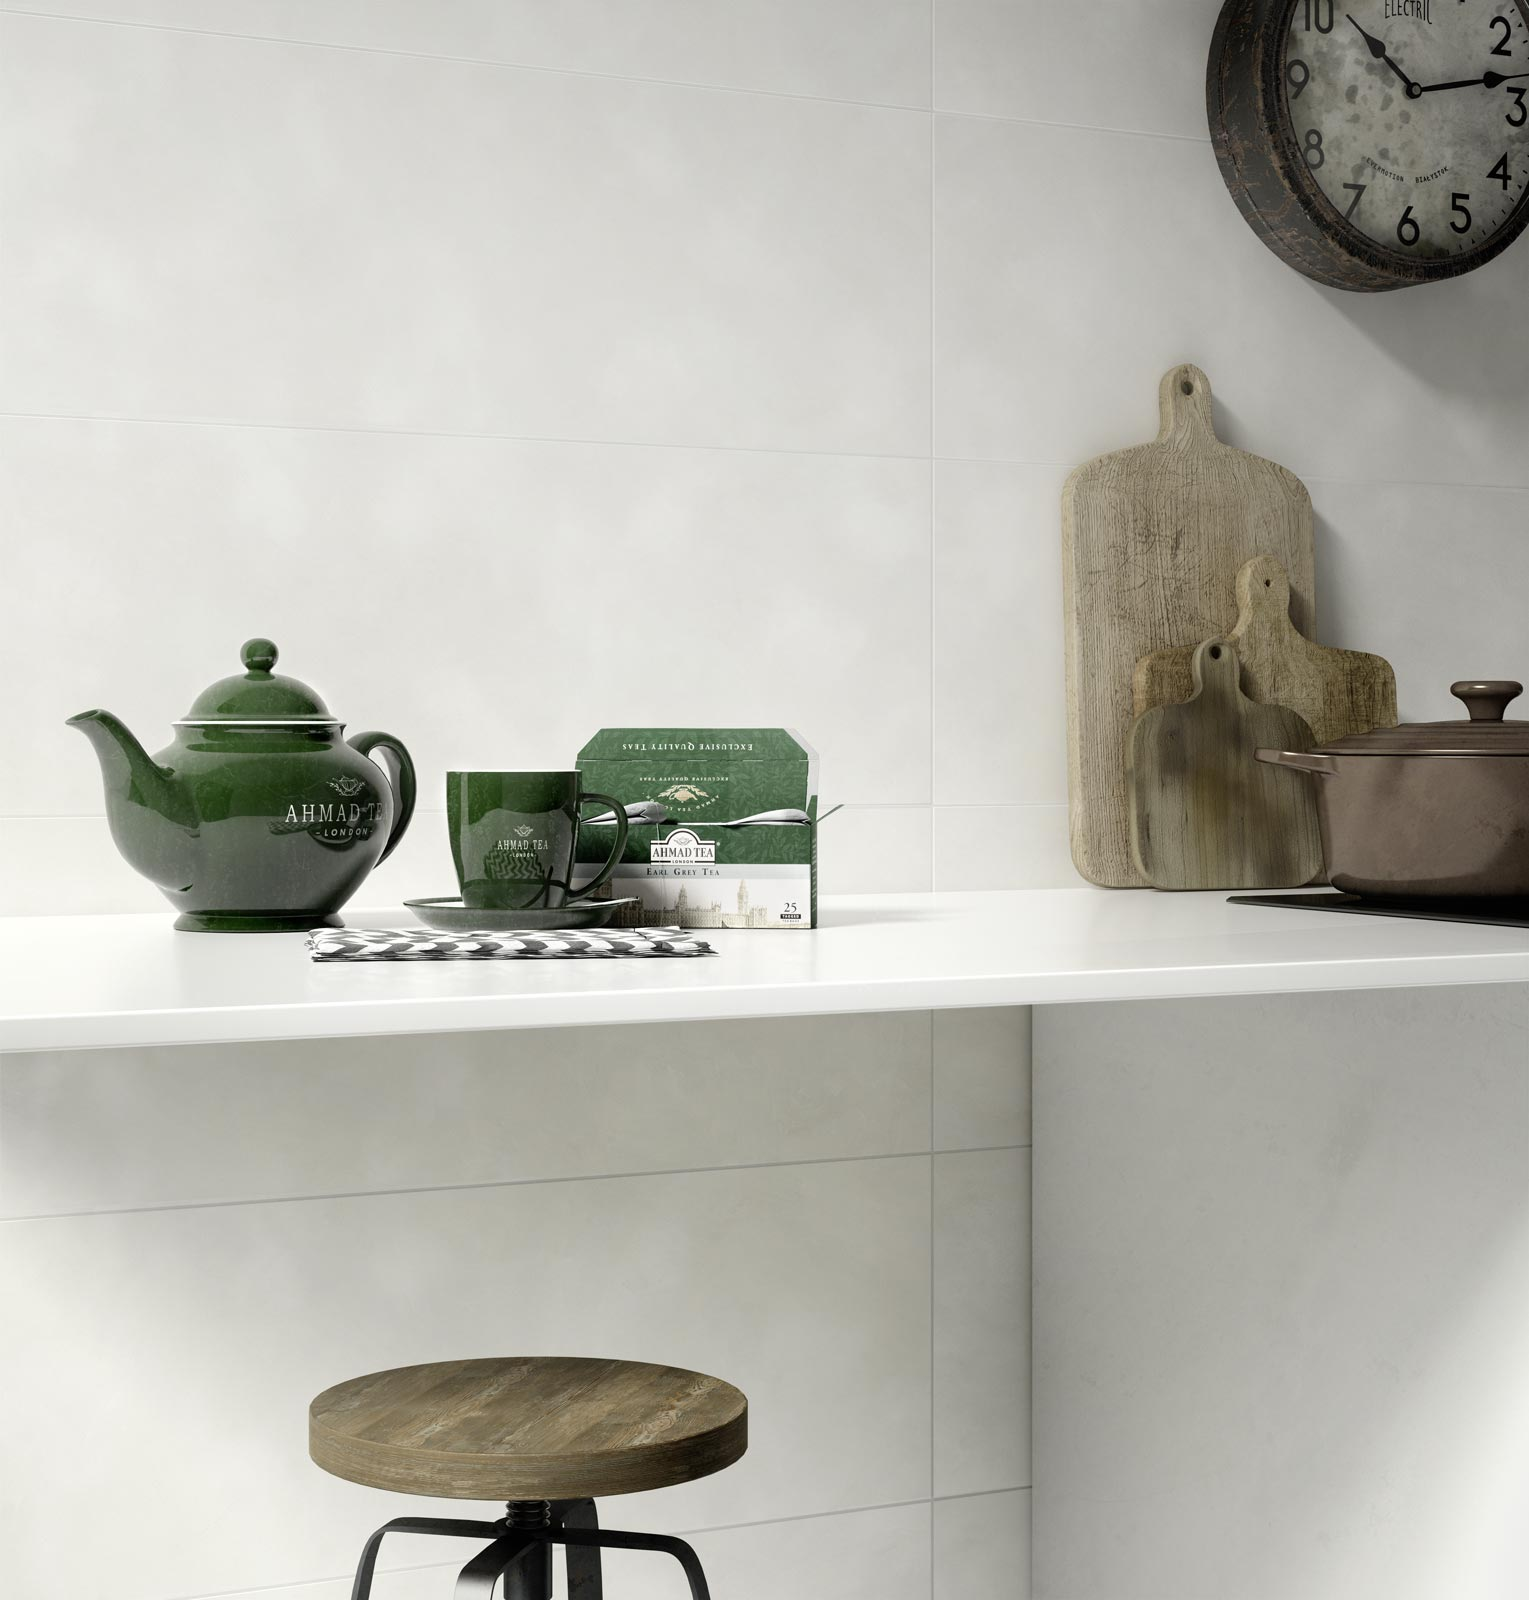 Piastrelle Cucina: versatilità ed eleganza | Ragno